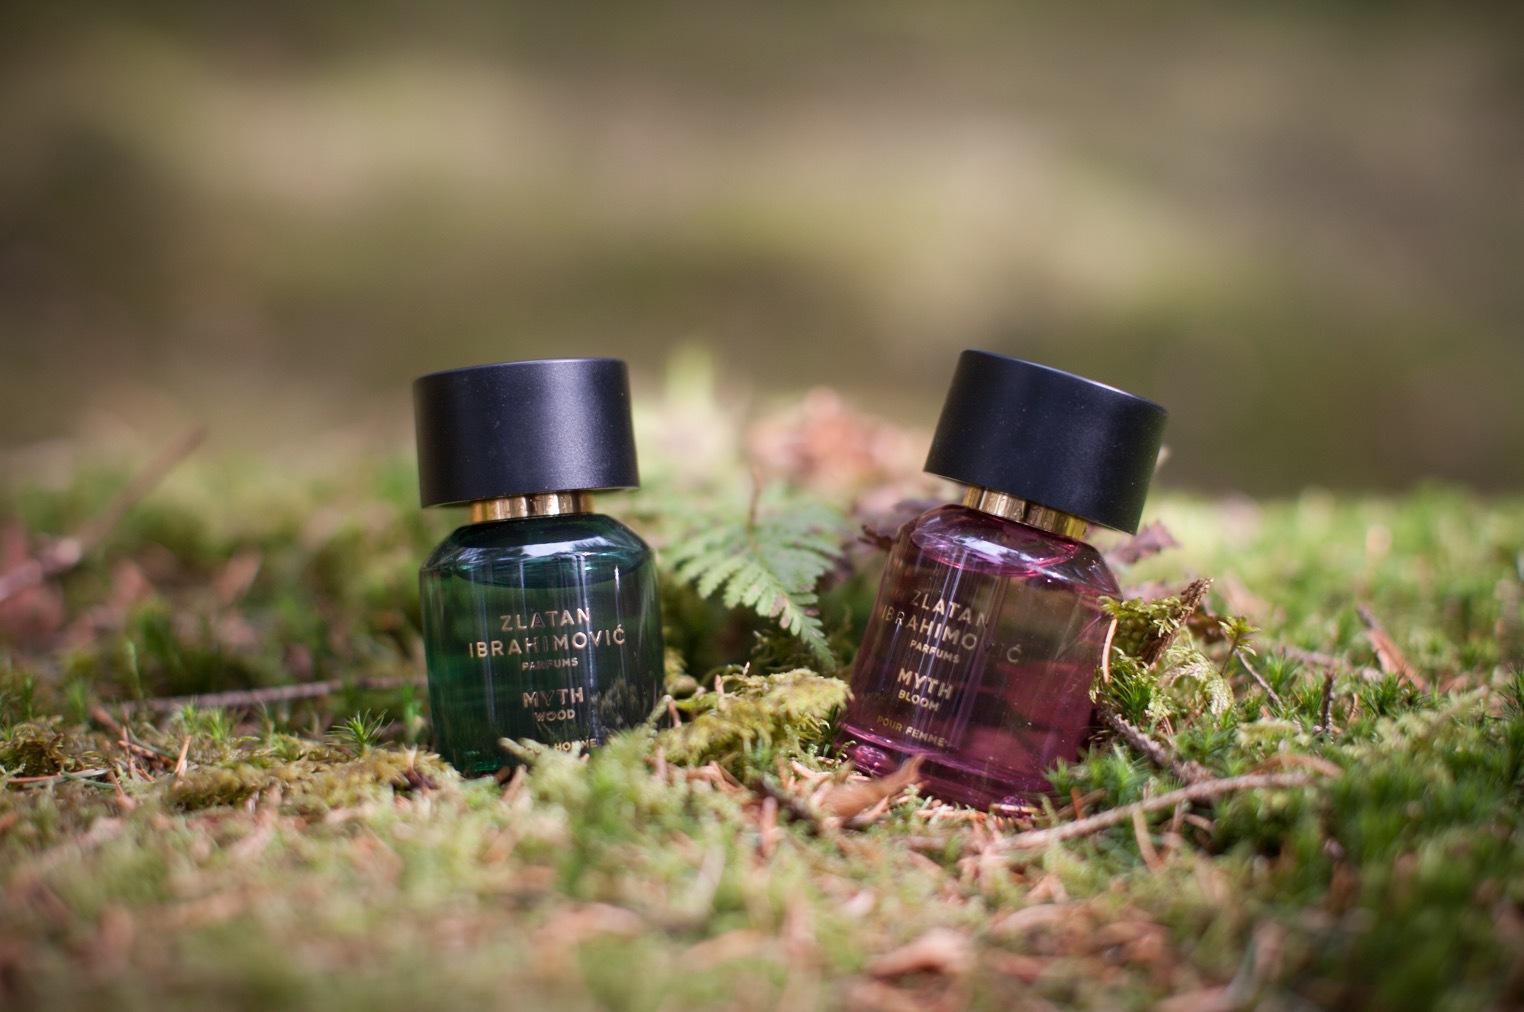 """Nytt från Zlatan Ibrahimovic perfums """"Mtyh wood"""" och """"Myth Bloom"""" den här gången med inspiration från den skandinaviska floran."""